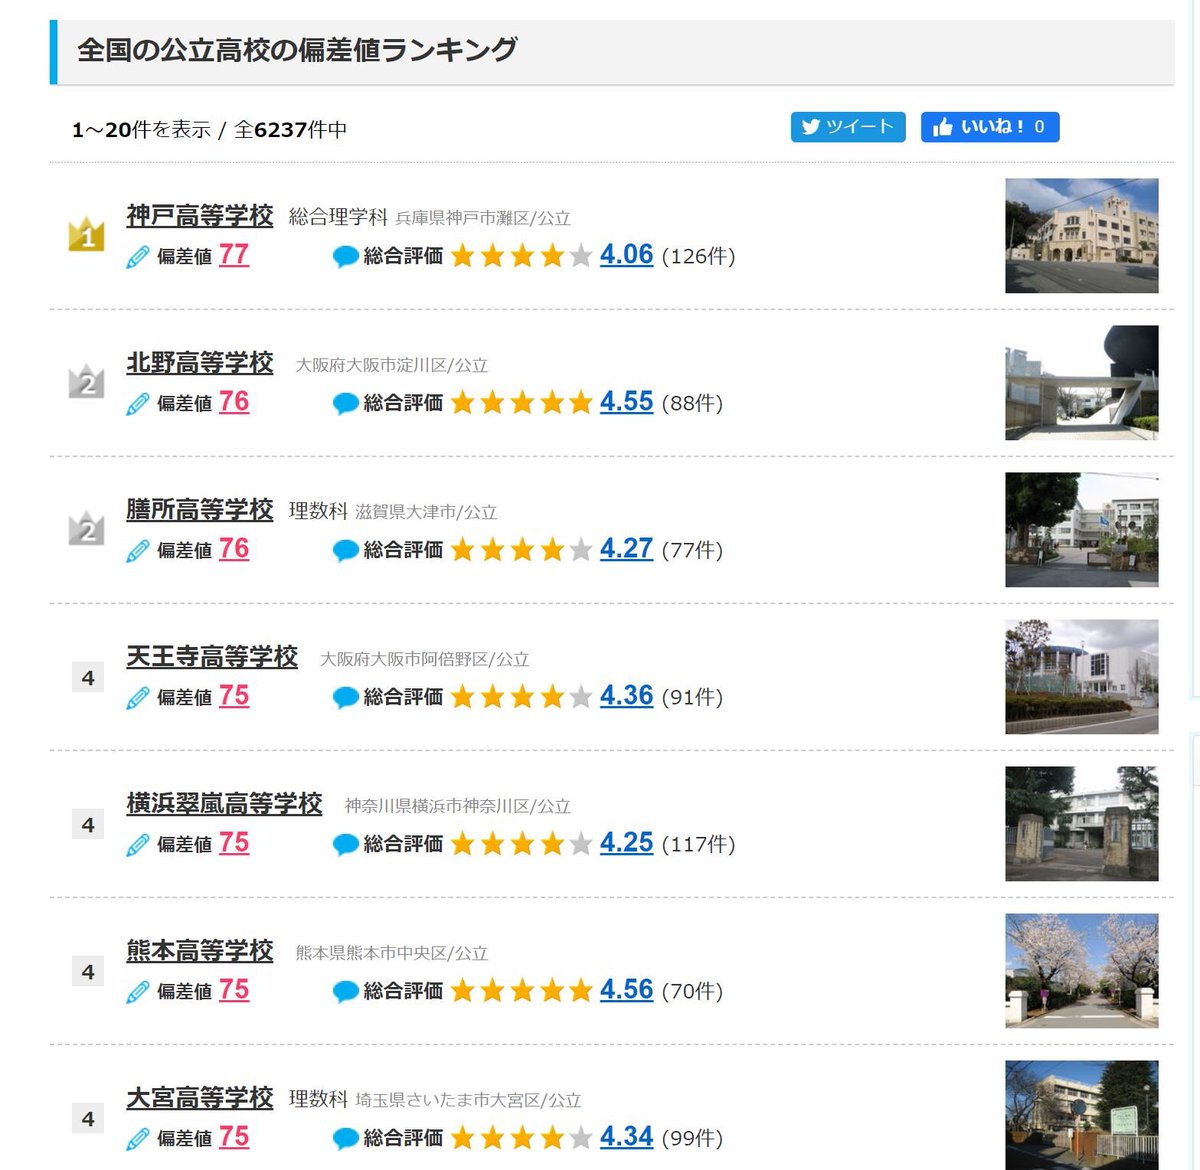 県 偏差 値 高校 神奈川